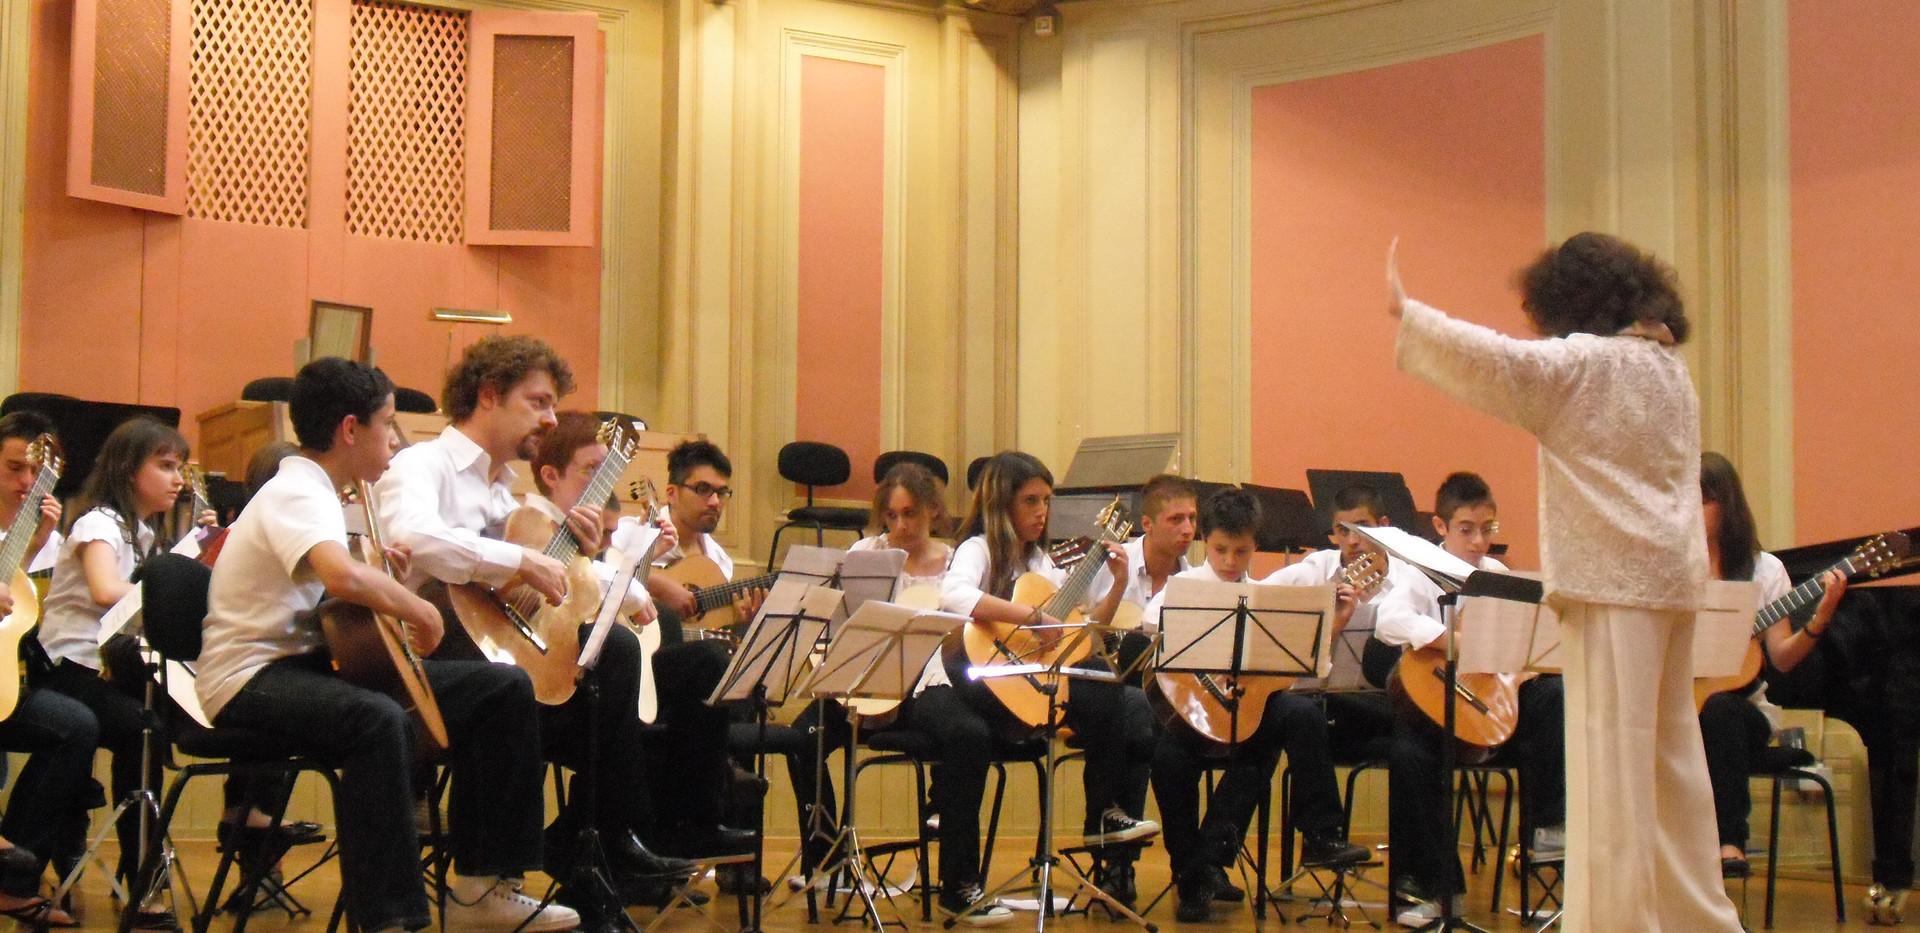 Concerto Festa della Musica Ginevra 2010